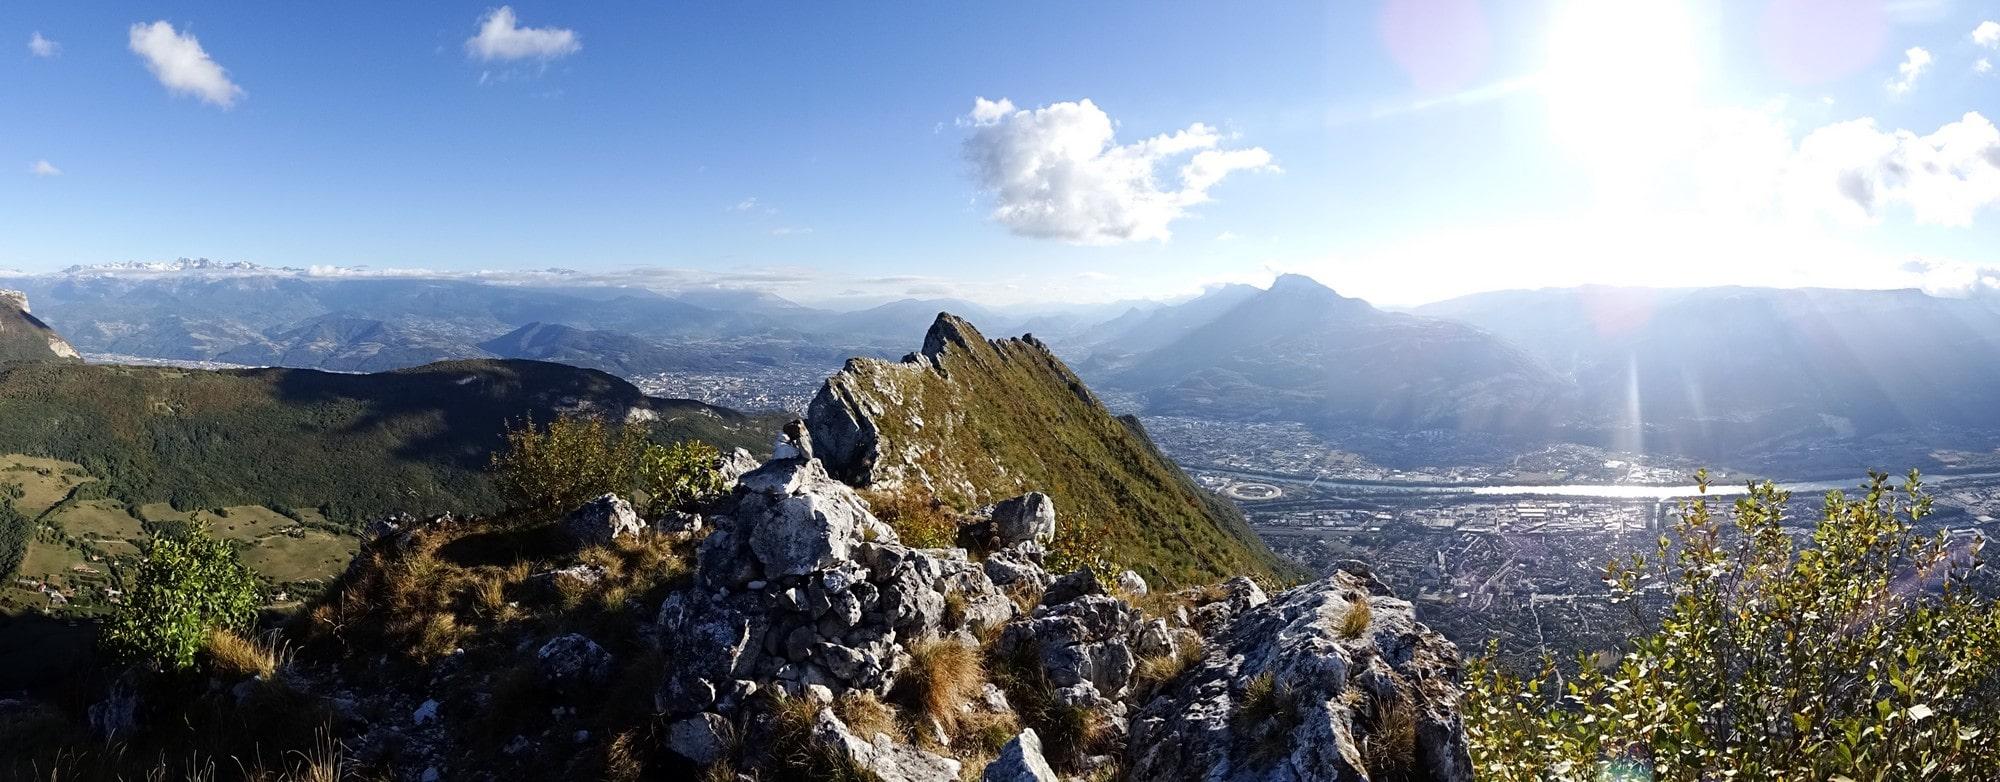 Panorama du Néron et de Grenoble en arrière plan